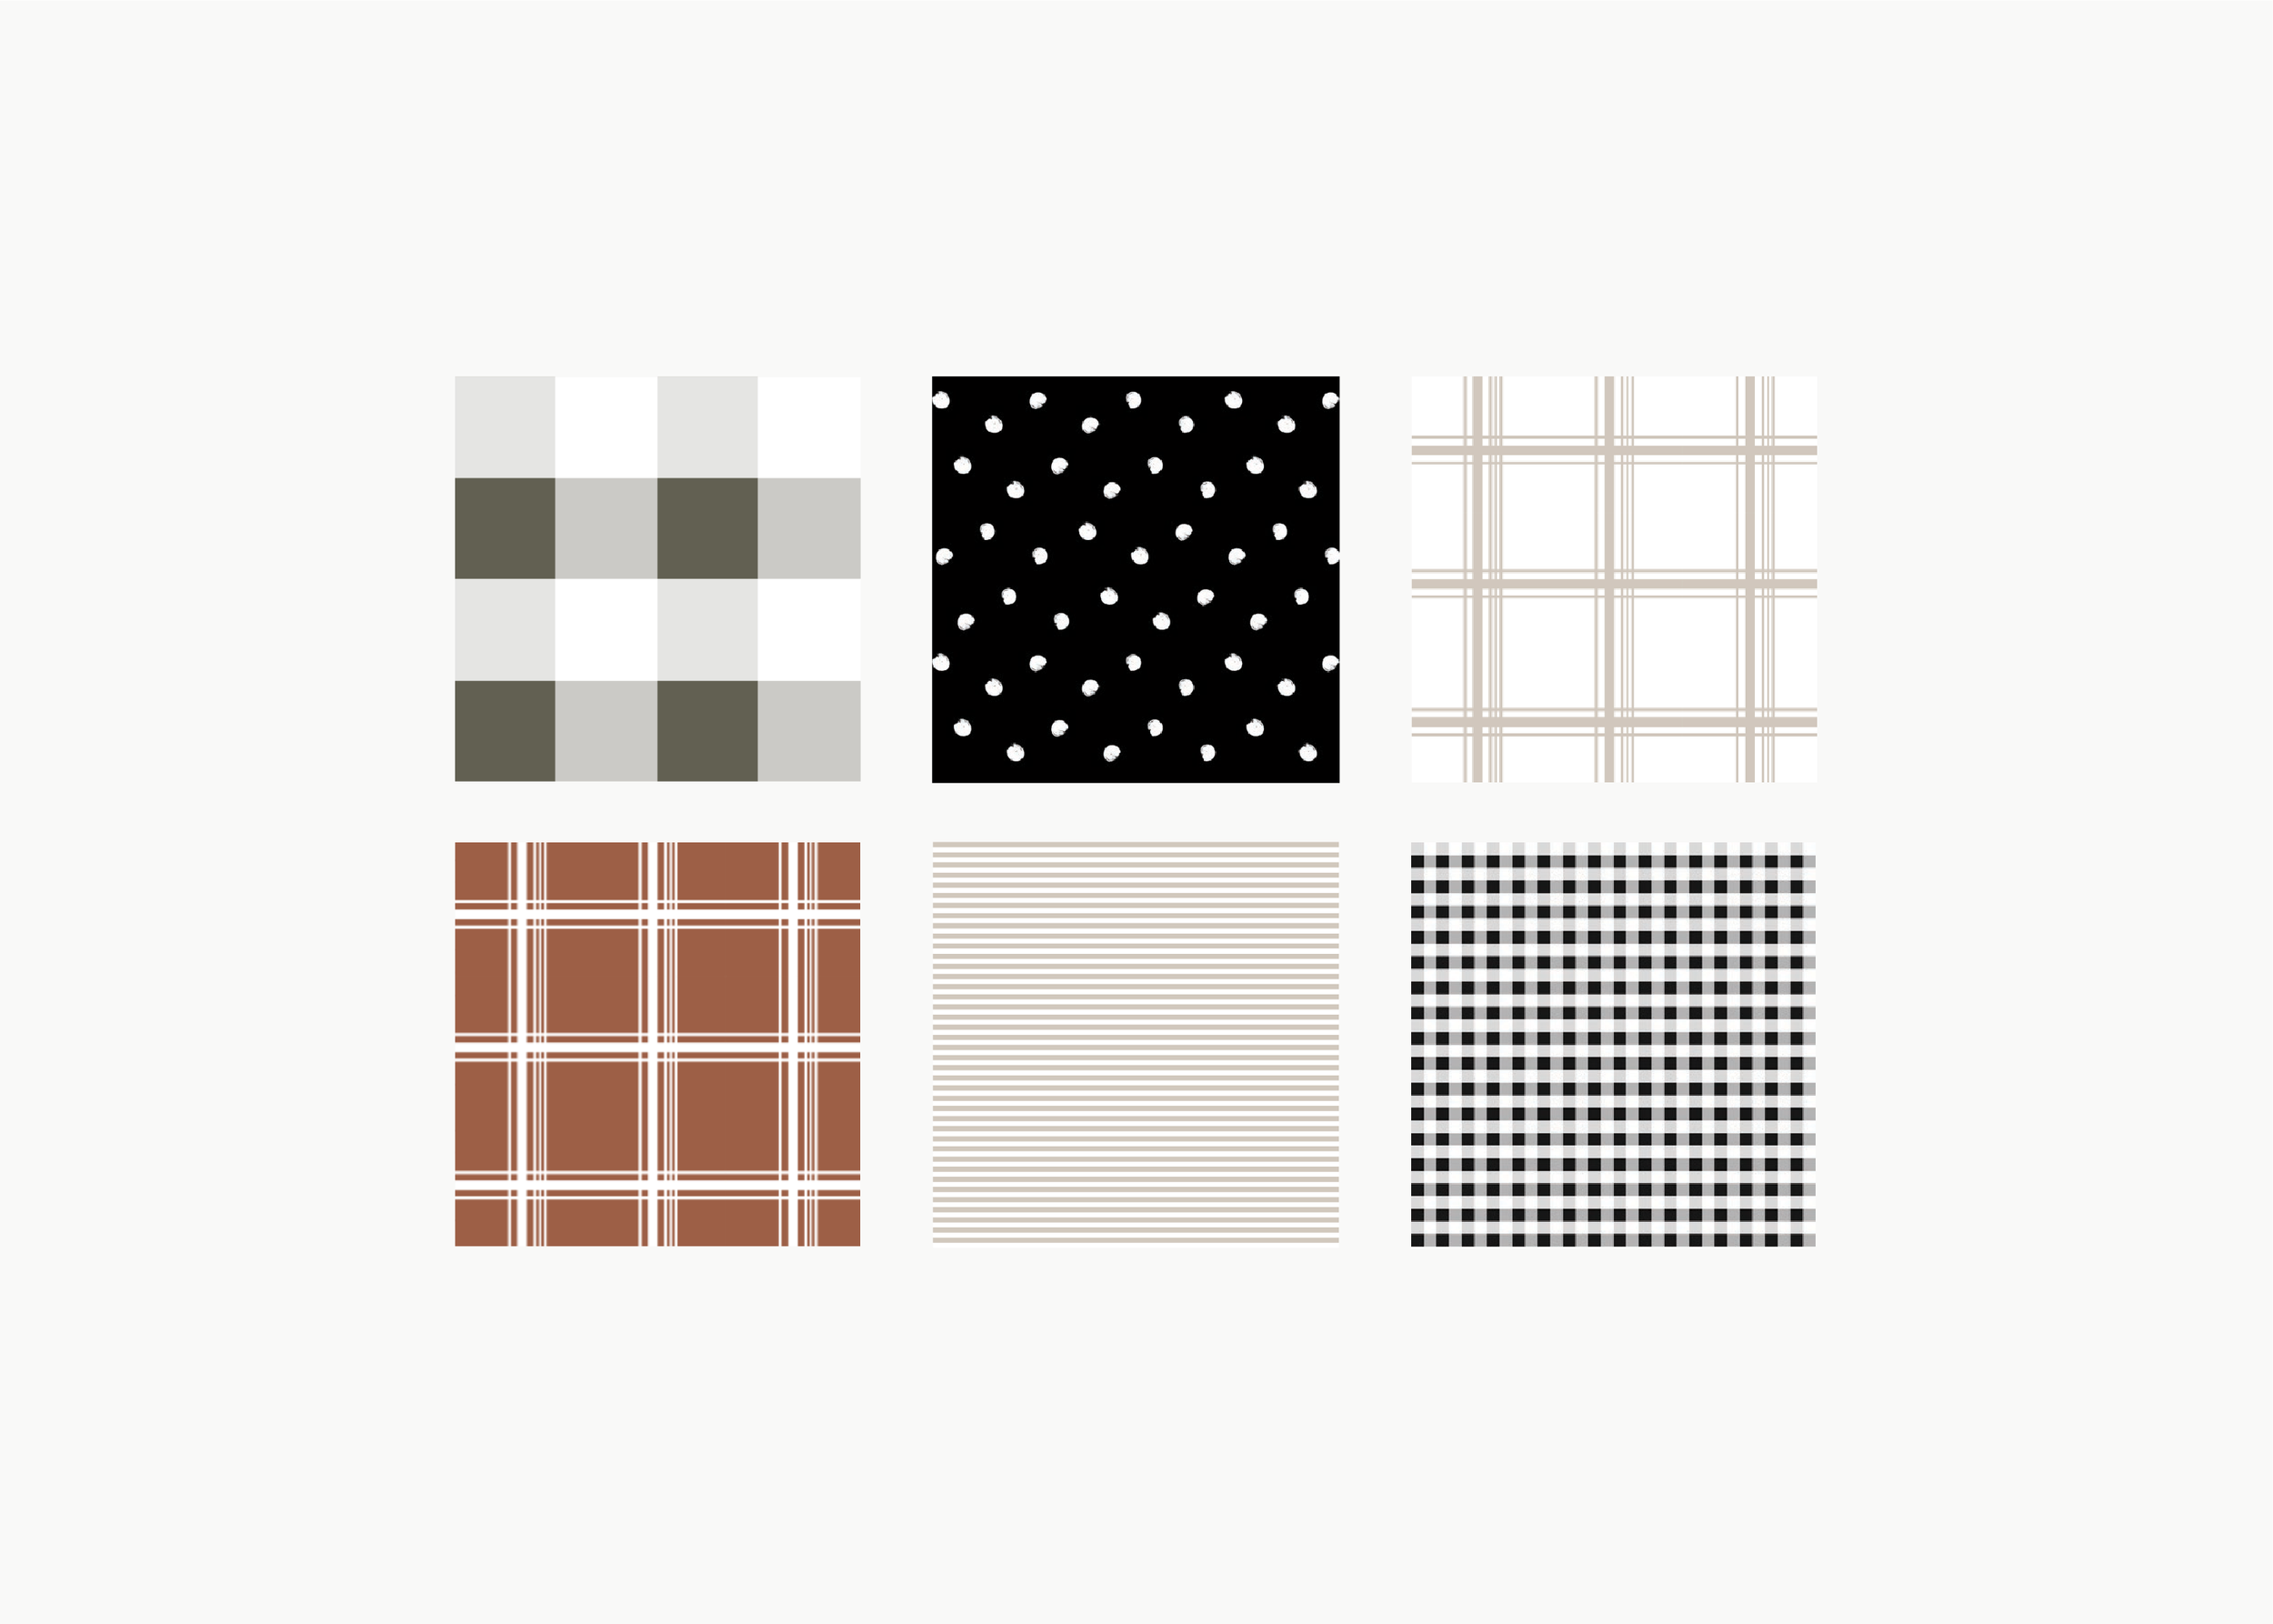 L&D_Portfolio_Layout_Patterns.png